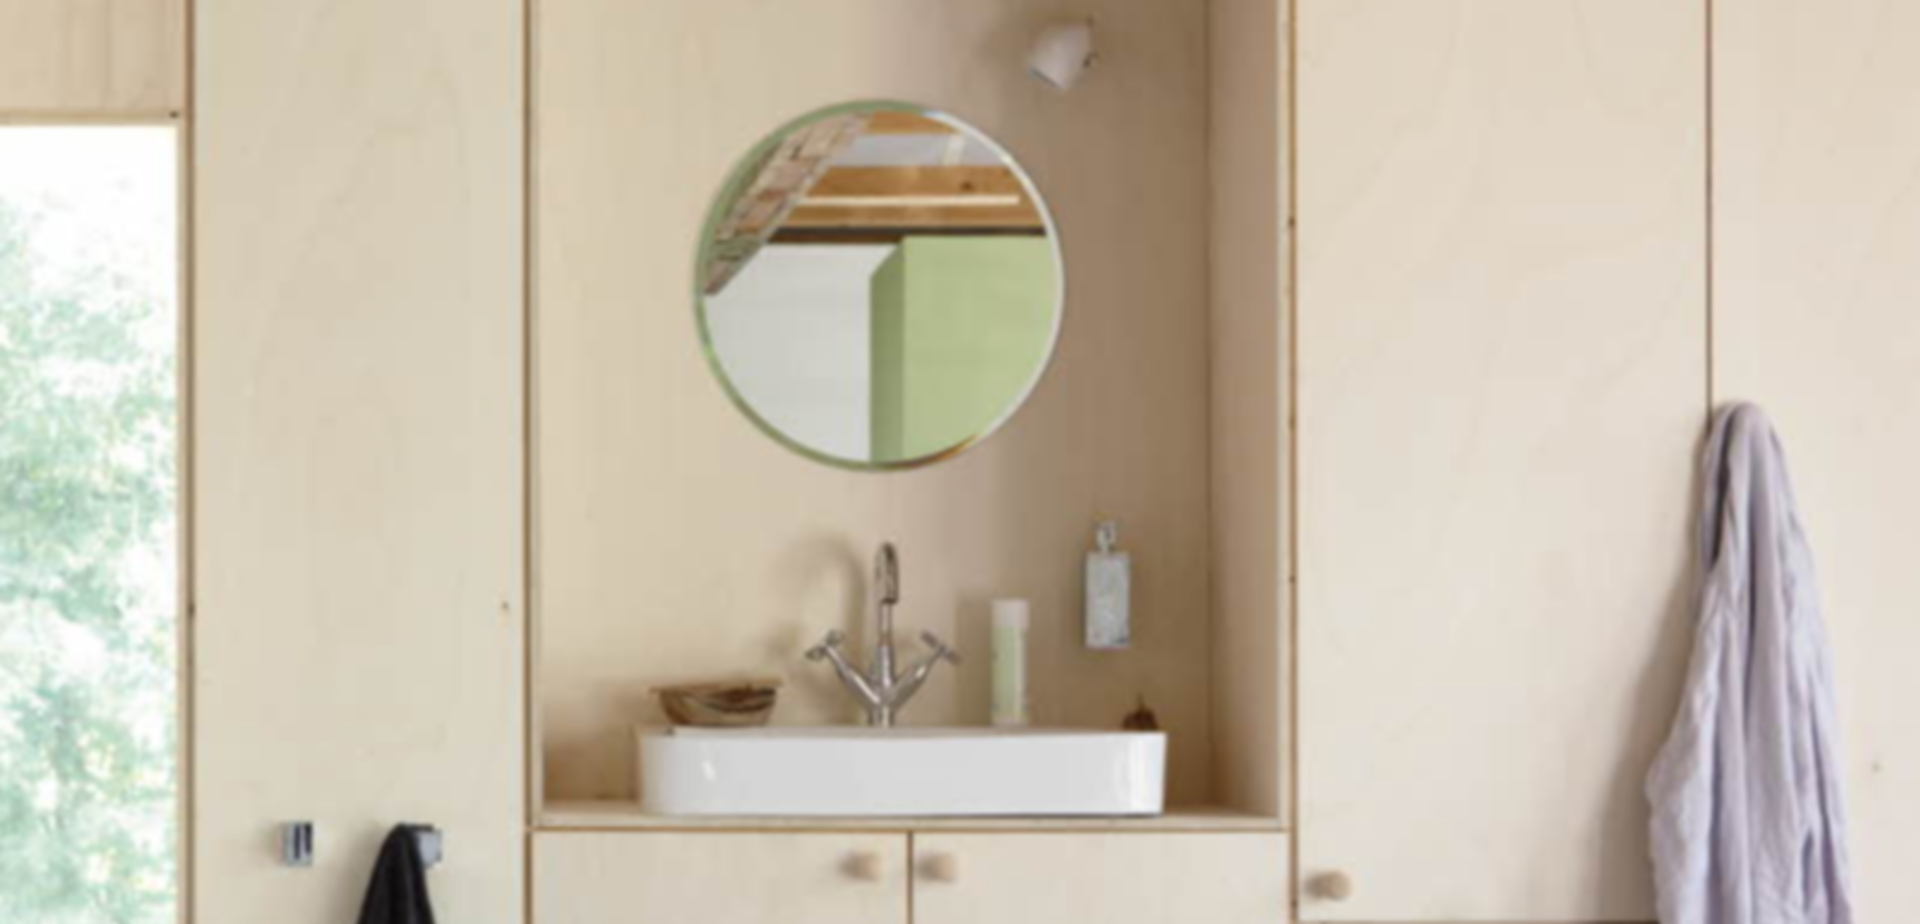 Hoe kun je een kleine badkamer optimaal benutten? | Praxis Blog